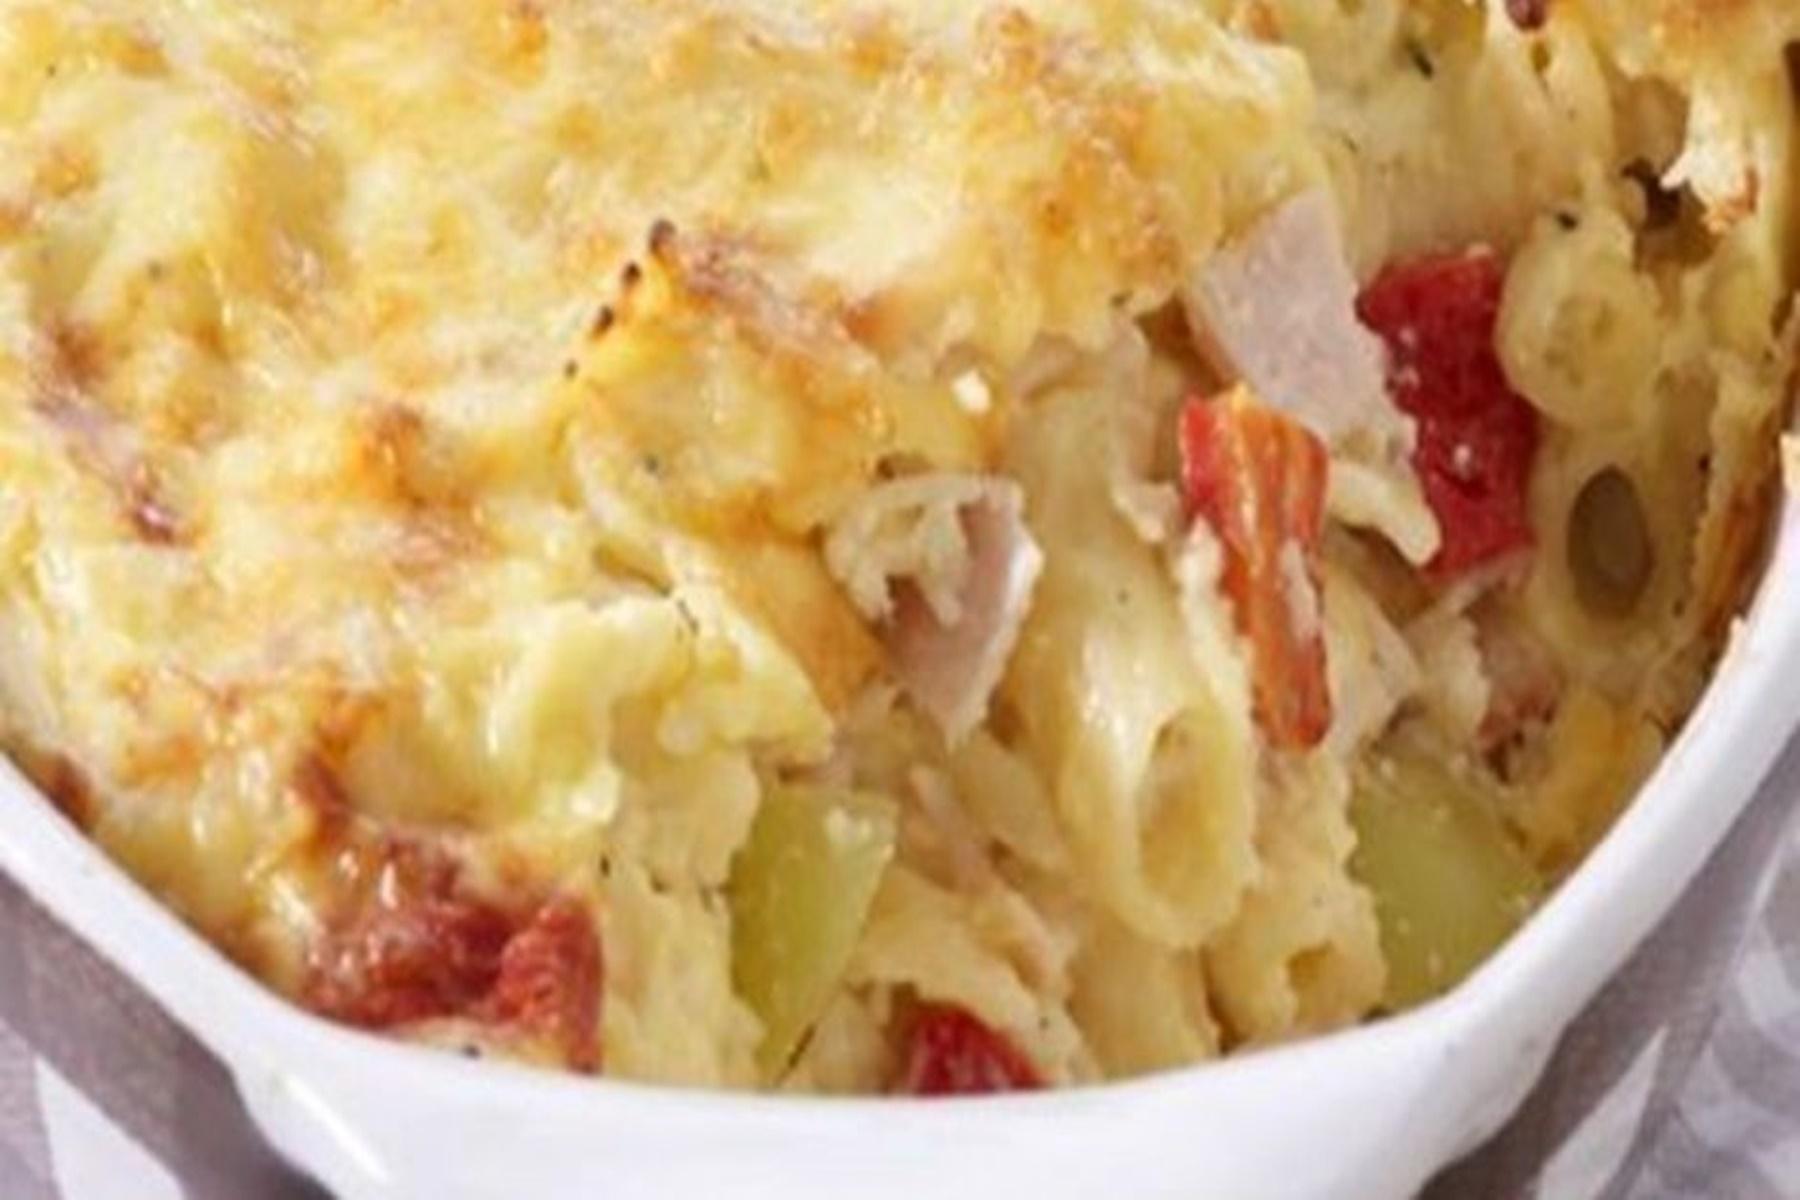 Μαγειρική : Λαχταριστό σουφλέ με τυριά και ζαμπόν